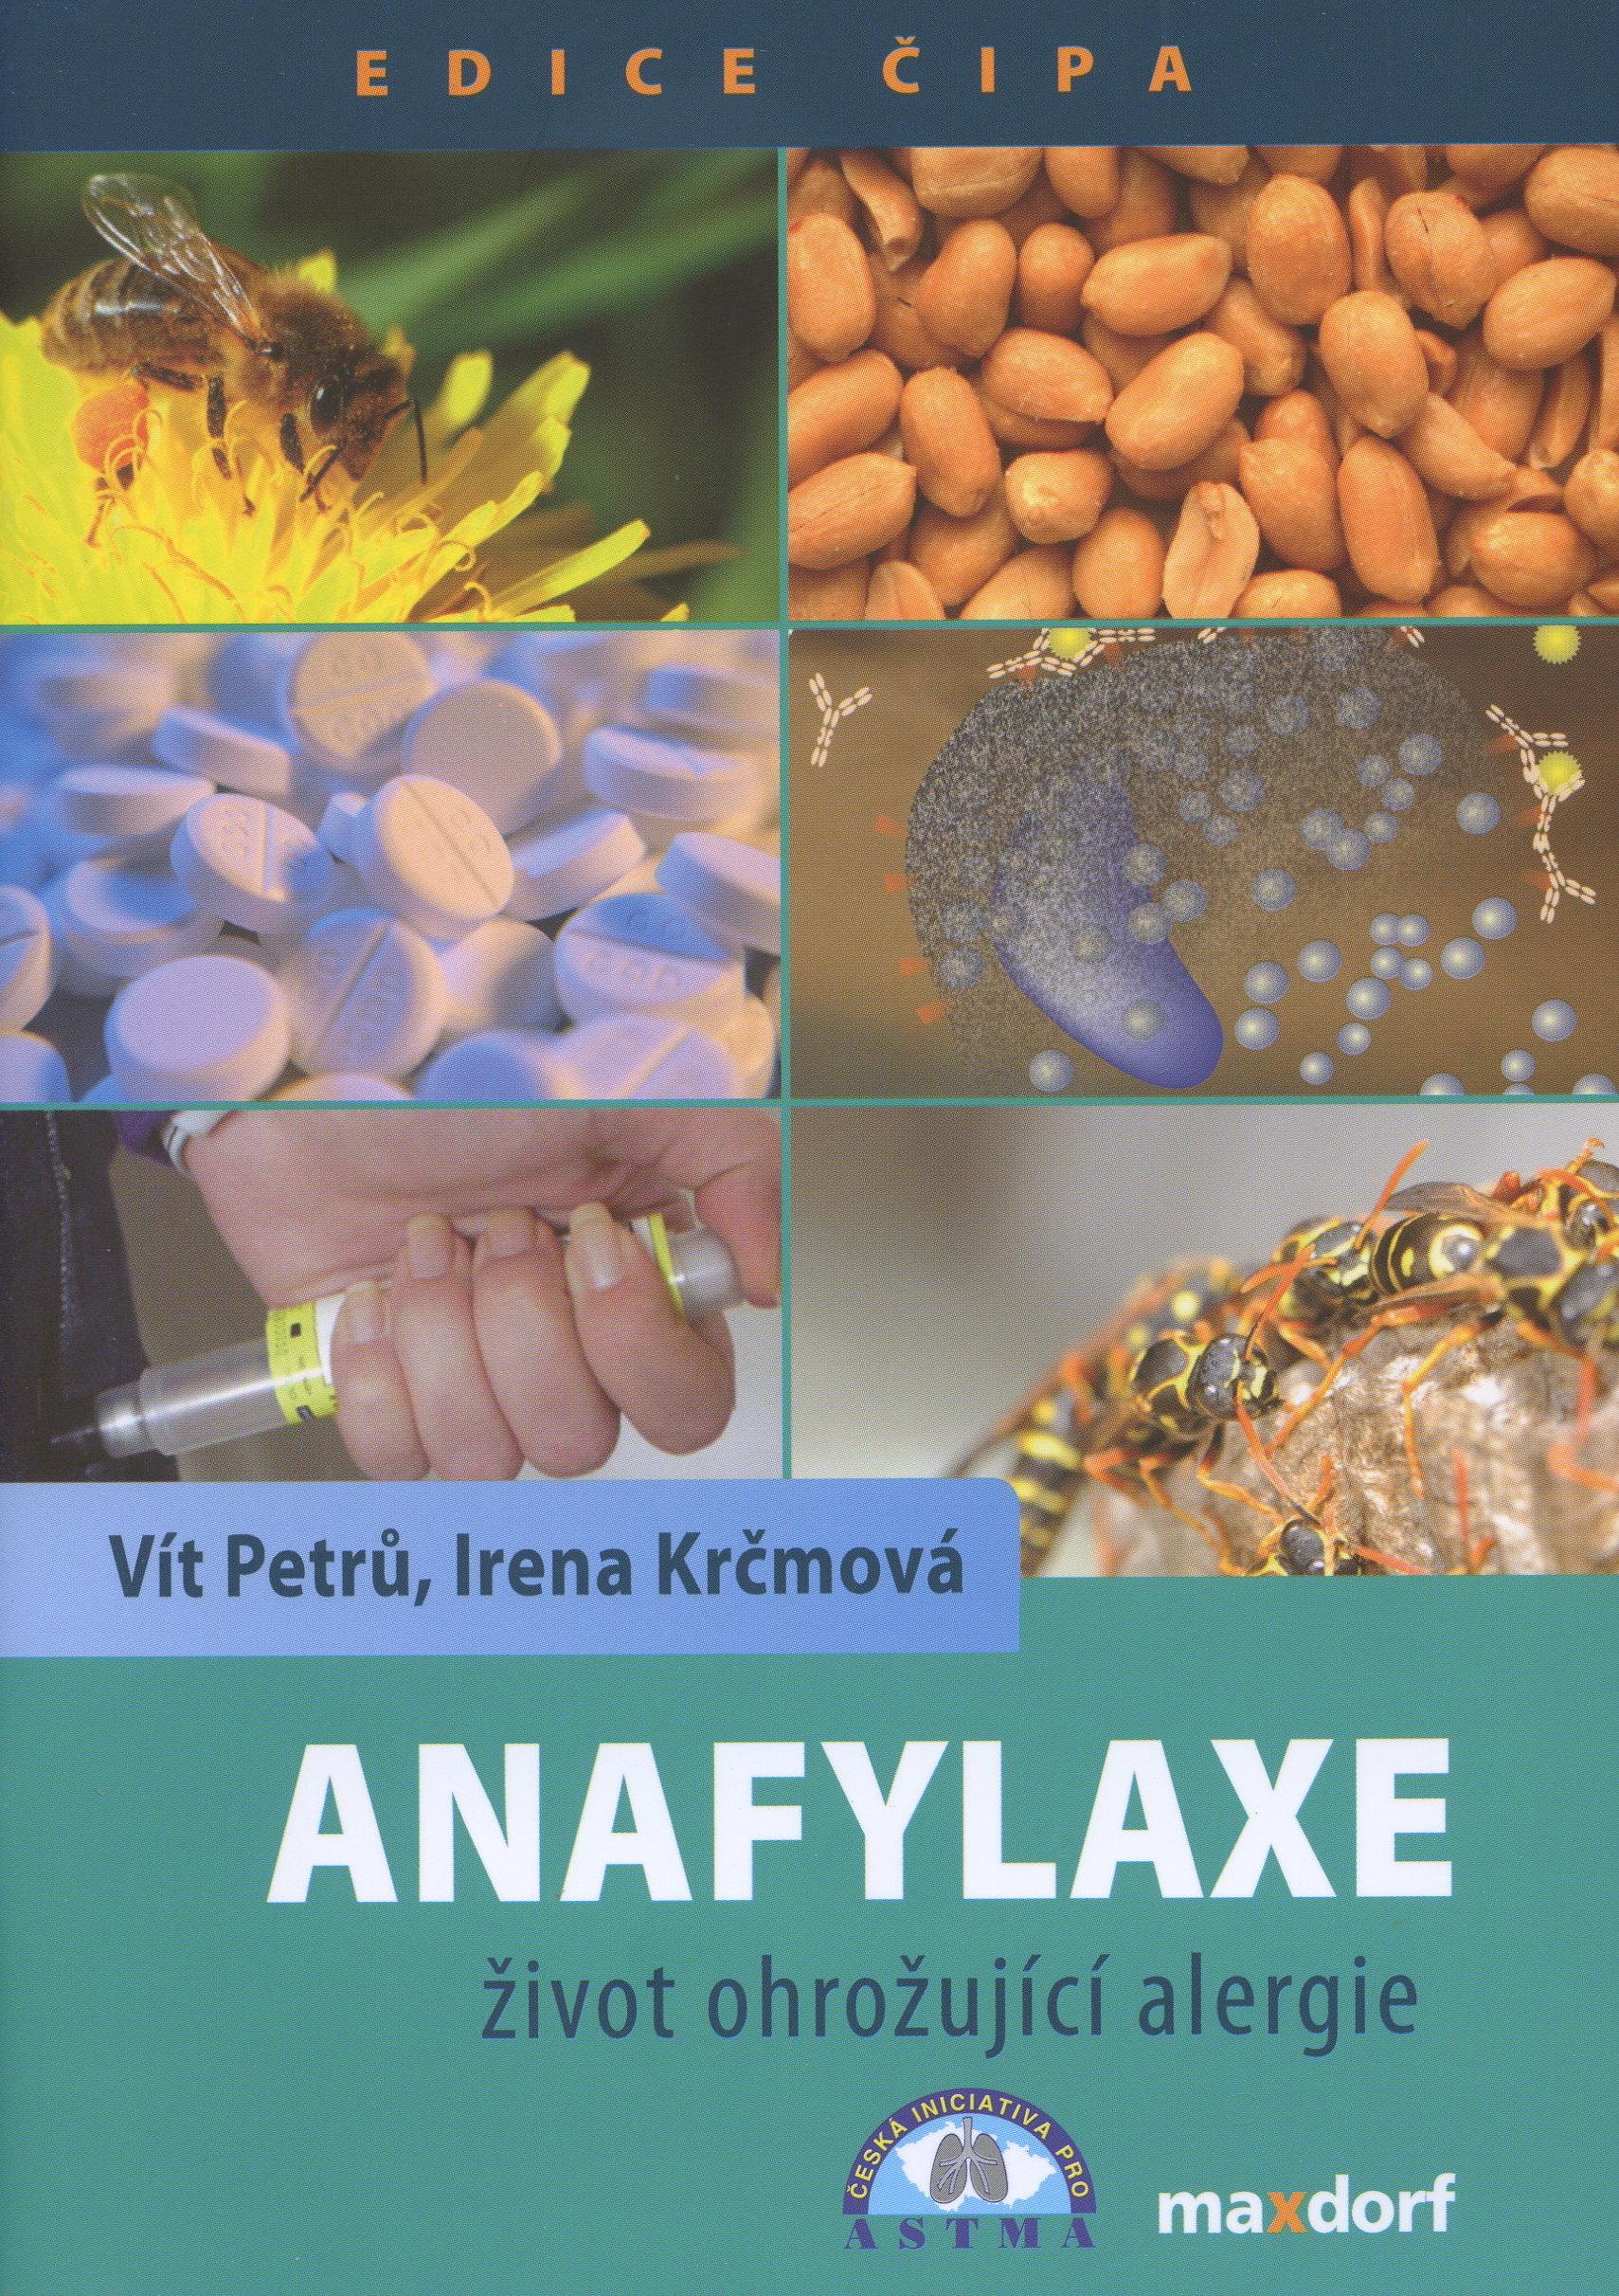 Anafylaxe - život ohrožující alergie